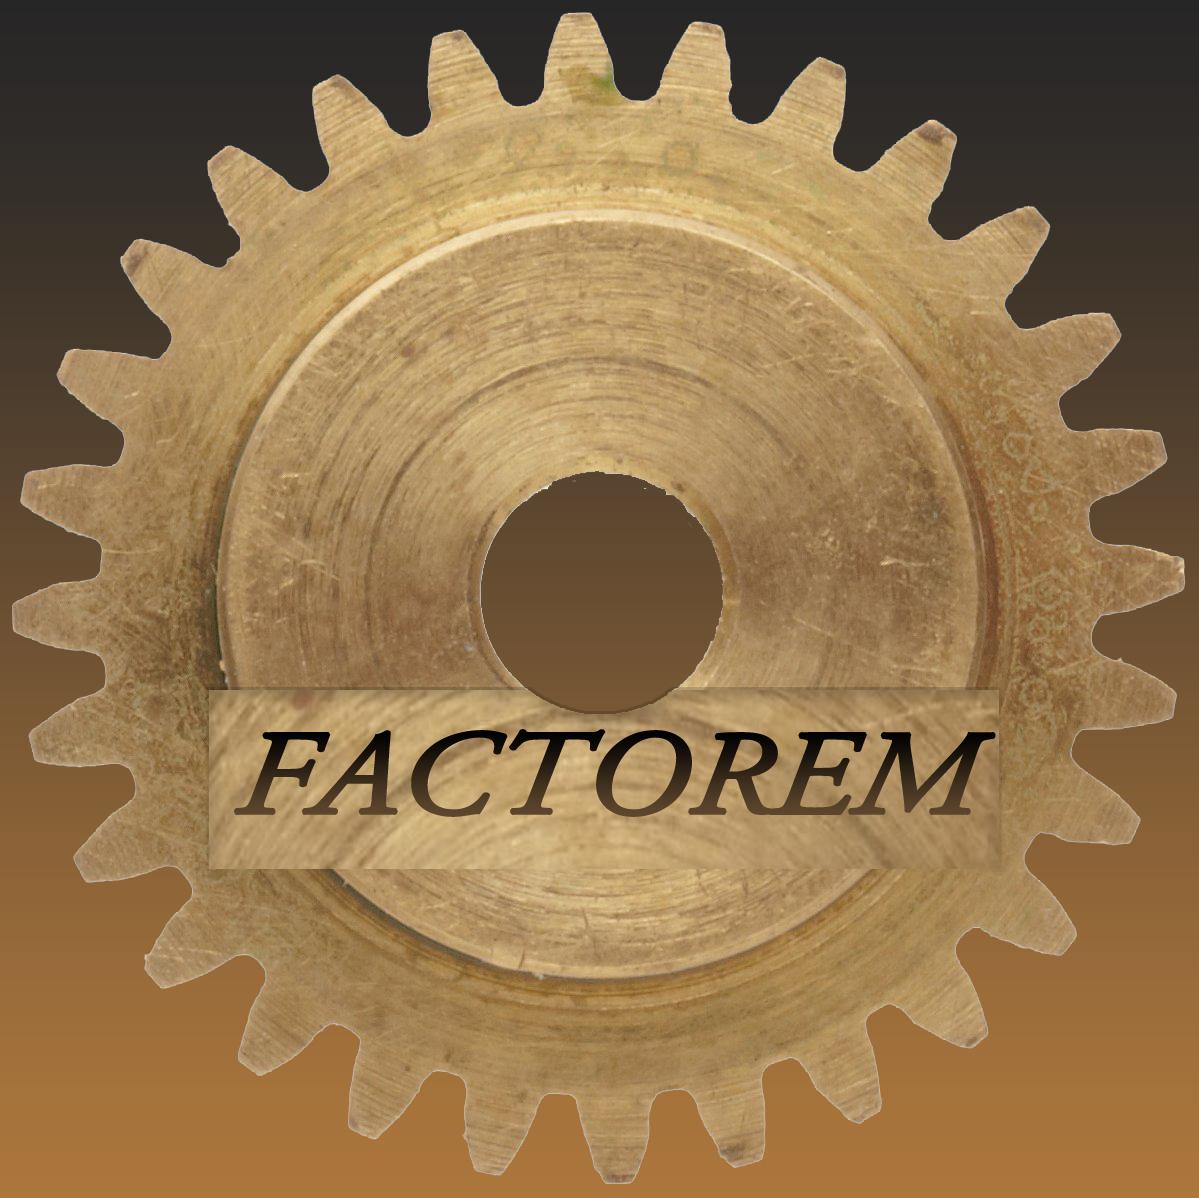 Factorem-Gear.jpg